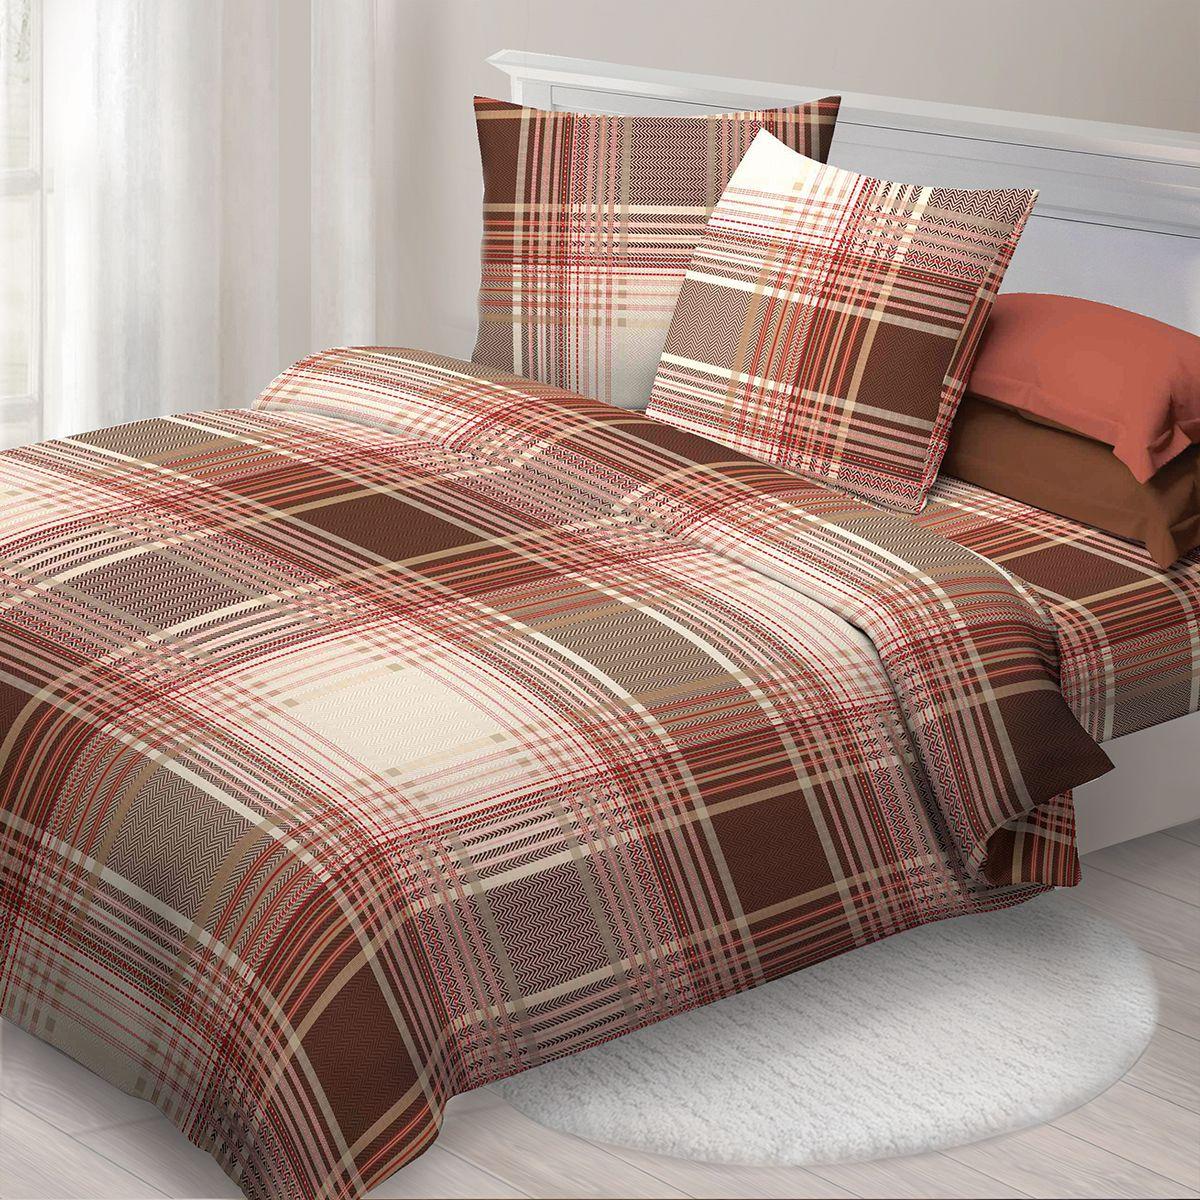 Комплект белья Спал Спалыч Твид , 2-х спальное, наволочки 70x70, цвет: коричневый. 3569-182460